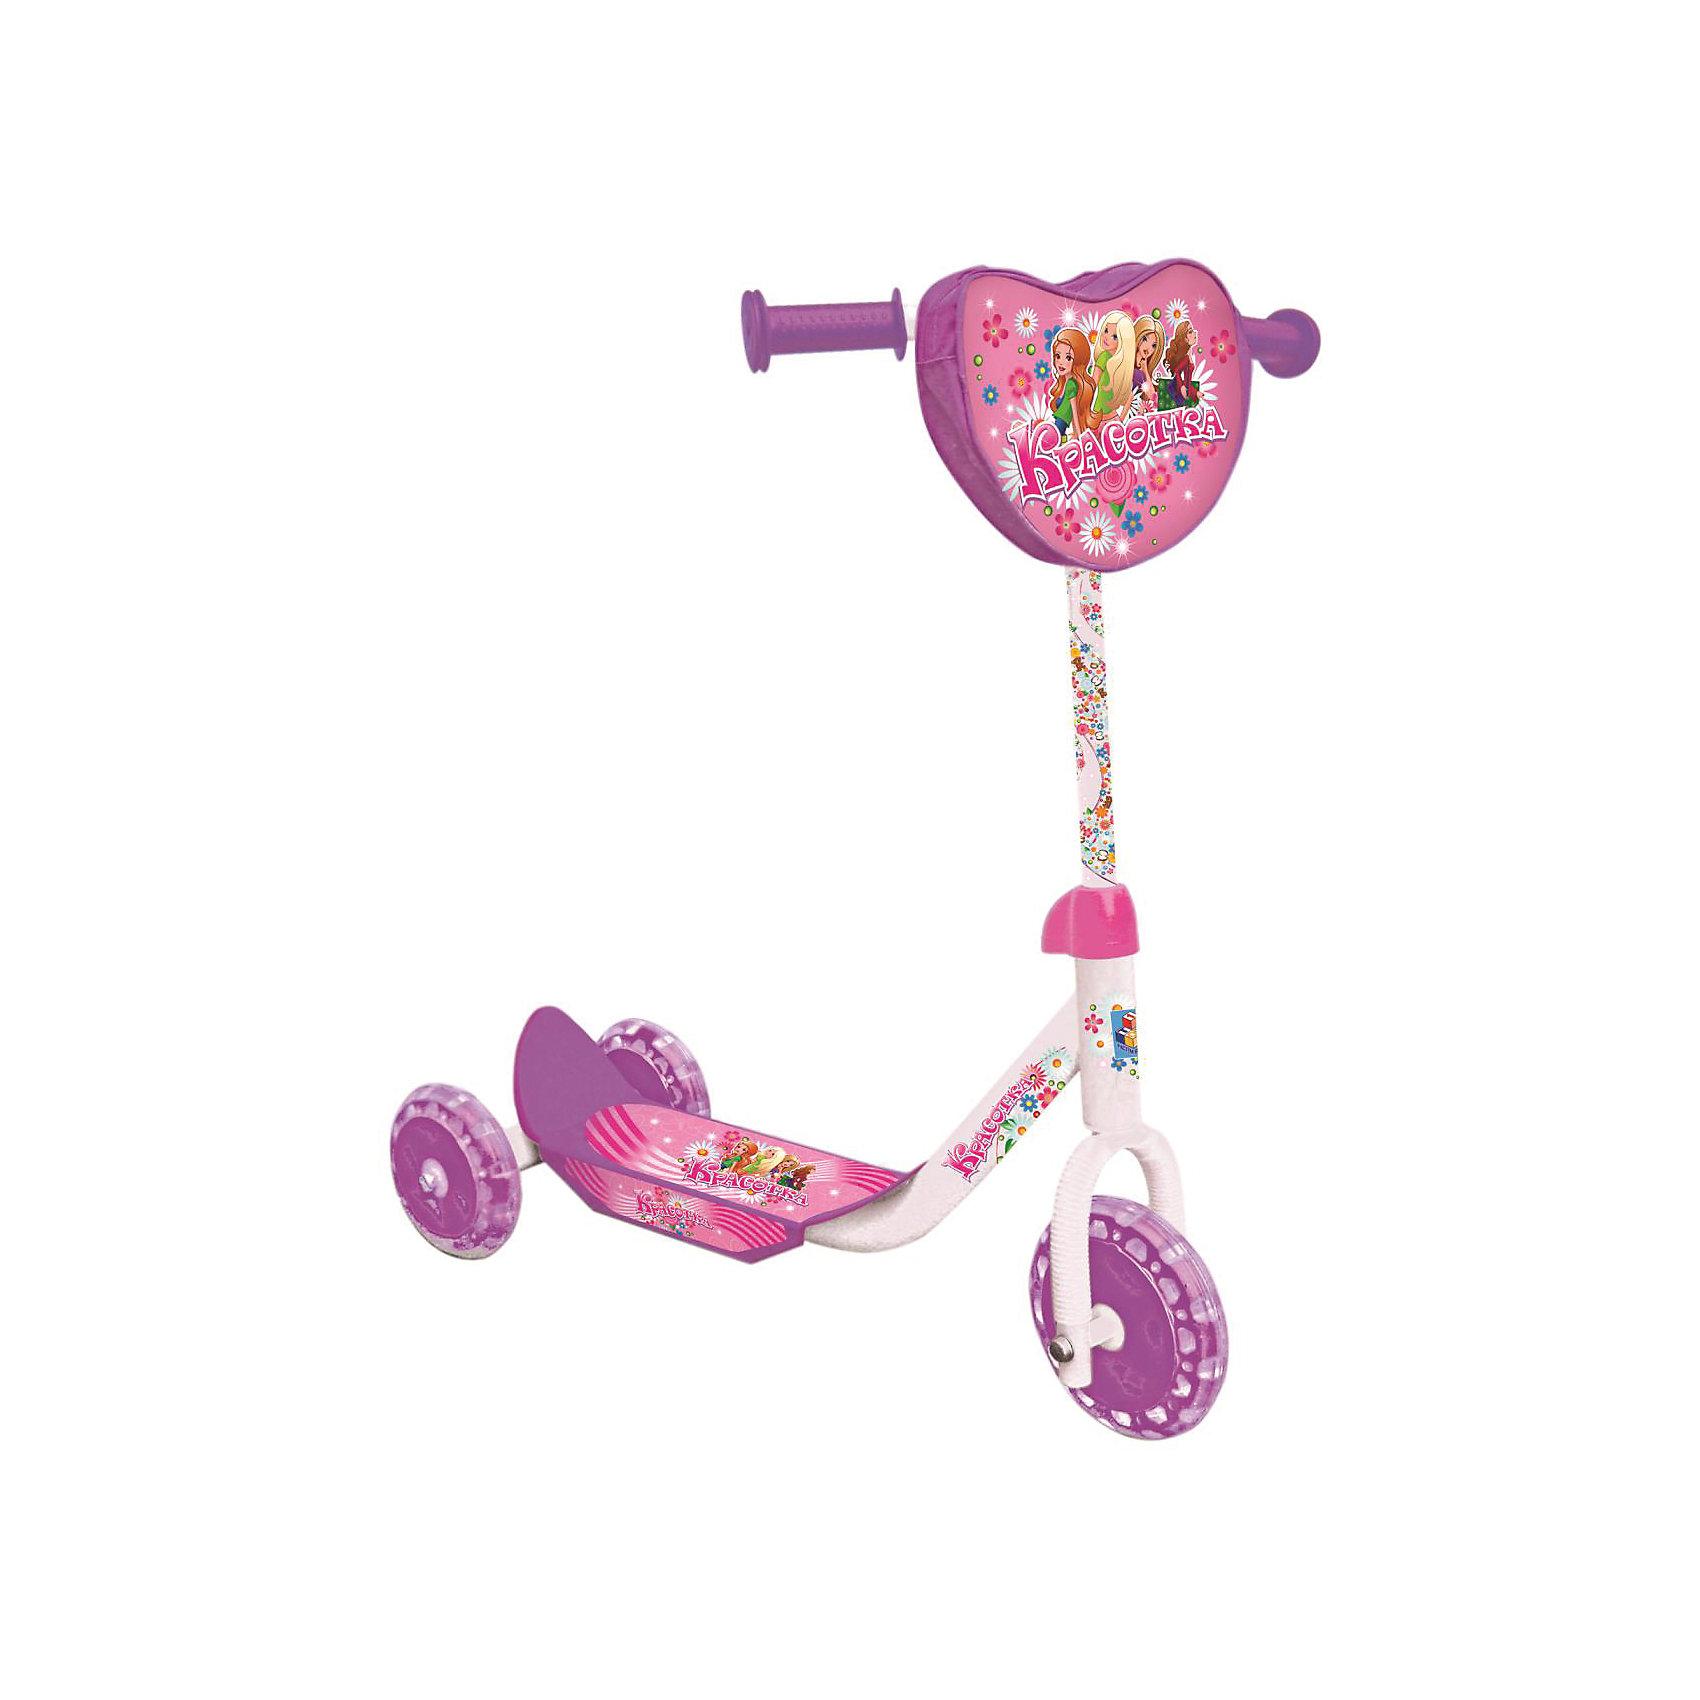 Самокат трехколесный Красотка, 1ToyСамокат трехколесный Красотка, 1Toy – прочный, комфортный и легкий в транспортировке самокат, который понравится вашему ребенку.<br>Трёхколёсный самокат Красотка 1Toy - это очень милый, сделанный с любовью к детям, самокат, украшенный изображениями весёлых подружек, предназначен для самых маленьких райдеров. У самоката стальная рама, колёса из ПВХ-материала, Т-образная ручка. Удобная противоскользящая платформа позволяет ребёнку надёжно стоять во время движения. Впереди на рулевой стойке имеется сумочка. Модель изготовлена из качественных материалов.<br><br>Дополнительная информация:<br><br>- Возраст: от 3 лет <br>- Материал: металл, пластик, ПВХ<br>- Цвет: белый, розовый, фиолетовый<br>- Максимальная нагрузка: 20 кг.<br>- Тормоз: ножной<br>- Размер: 60х10,5х68 см.<br>- Диаметр переднего колеса: 15,24 см.<br>- Диаметр задних колёс: 12,7 см.<br>- Вес: 2,7 кг.<br>- Размеры упаковки: 48х13х35 см.<br><br>Самокат трехколесный Красотка, 1Toy можно купить в нашем интернет-магазине.<br><br>Ширина мм: 480<br>Глубина мм: 130<br>Высота мм: 350<br>Вес г: 3083<br>Возраст от месяцев: 36<br>Возраст до месяцев: 84<br>Пол: Женский<br>Возраст: Детский<br>SKU: 4655110